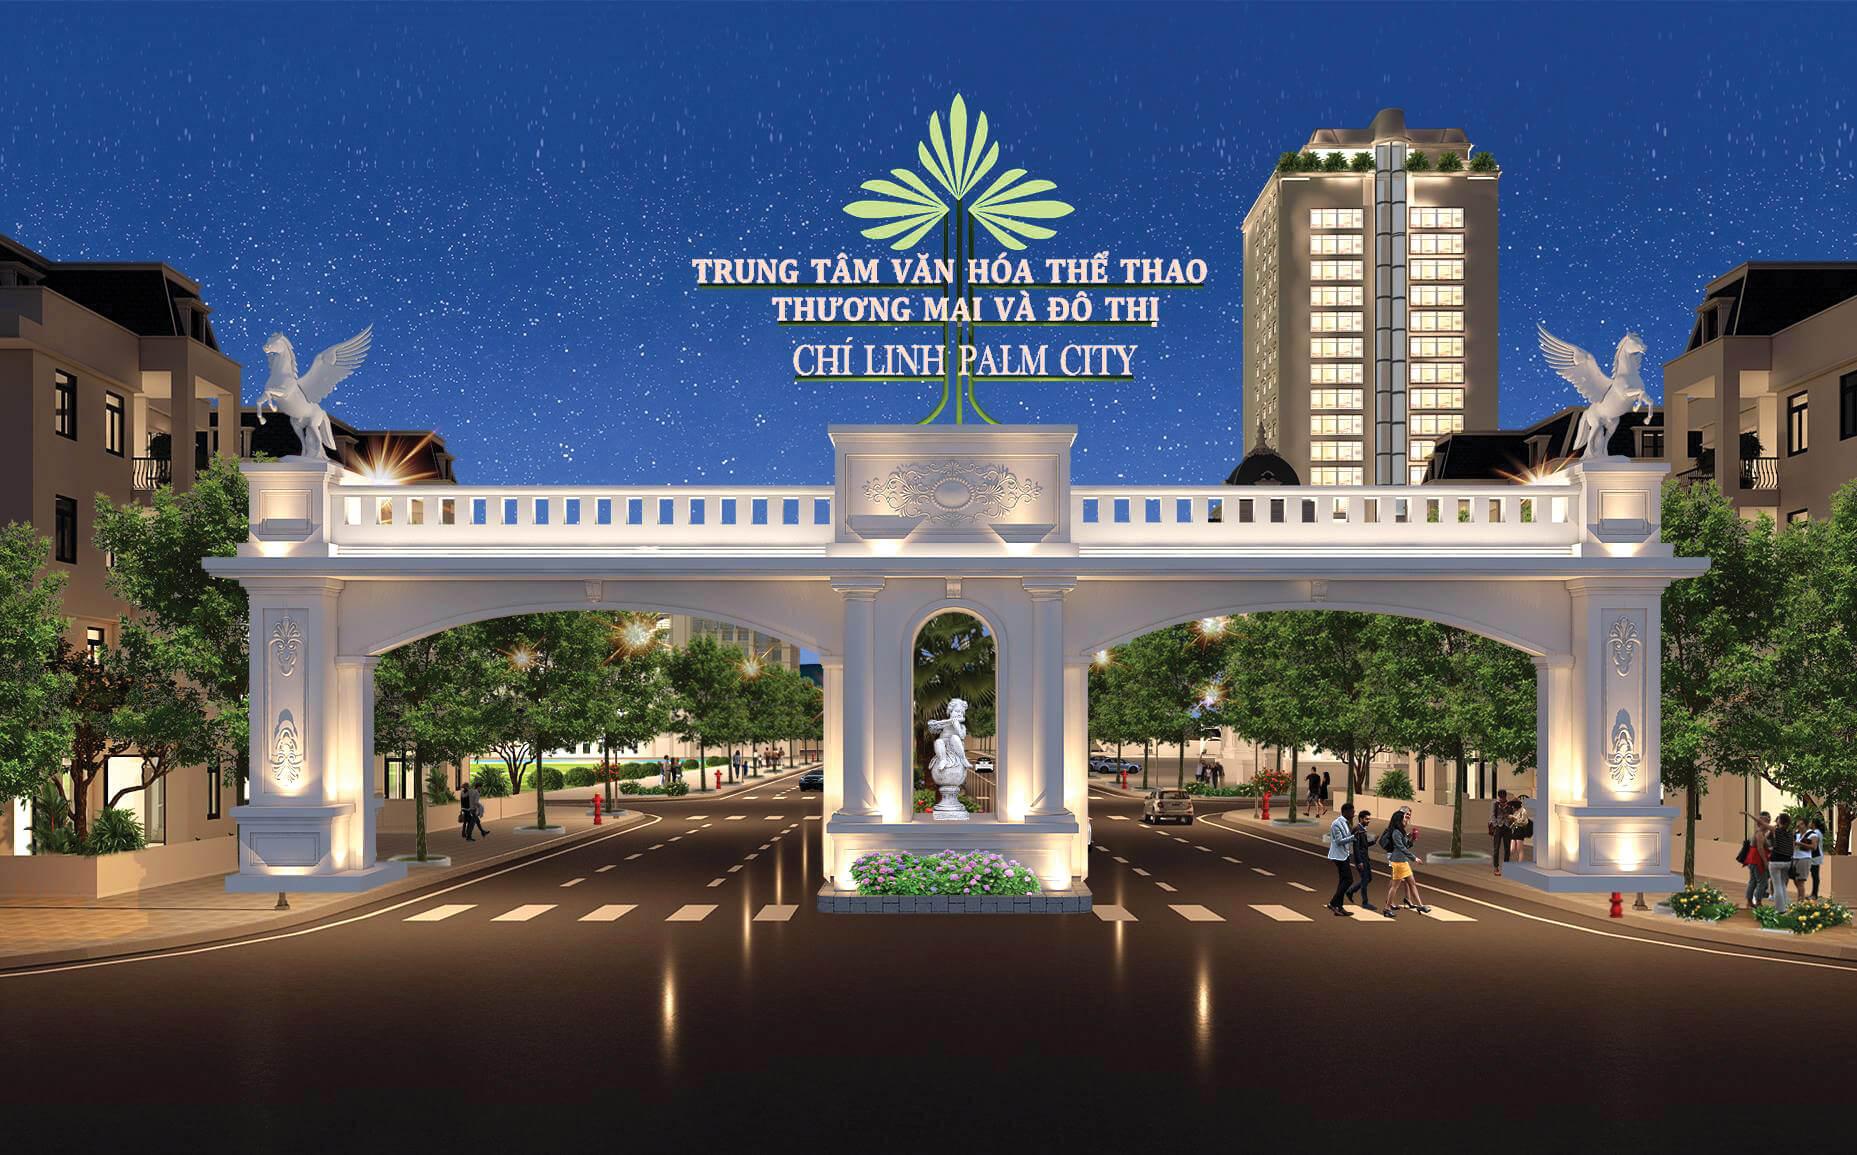 cổng chào dự án chí linh palm city